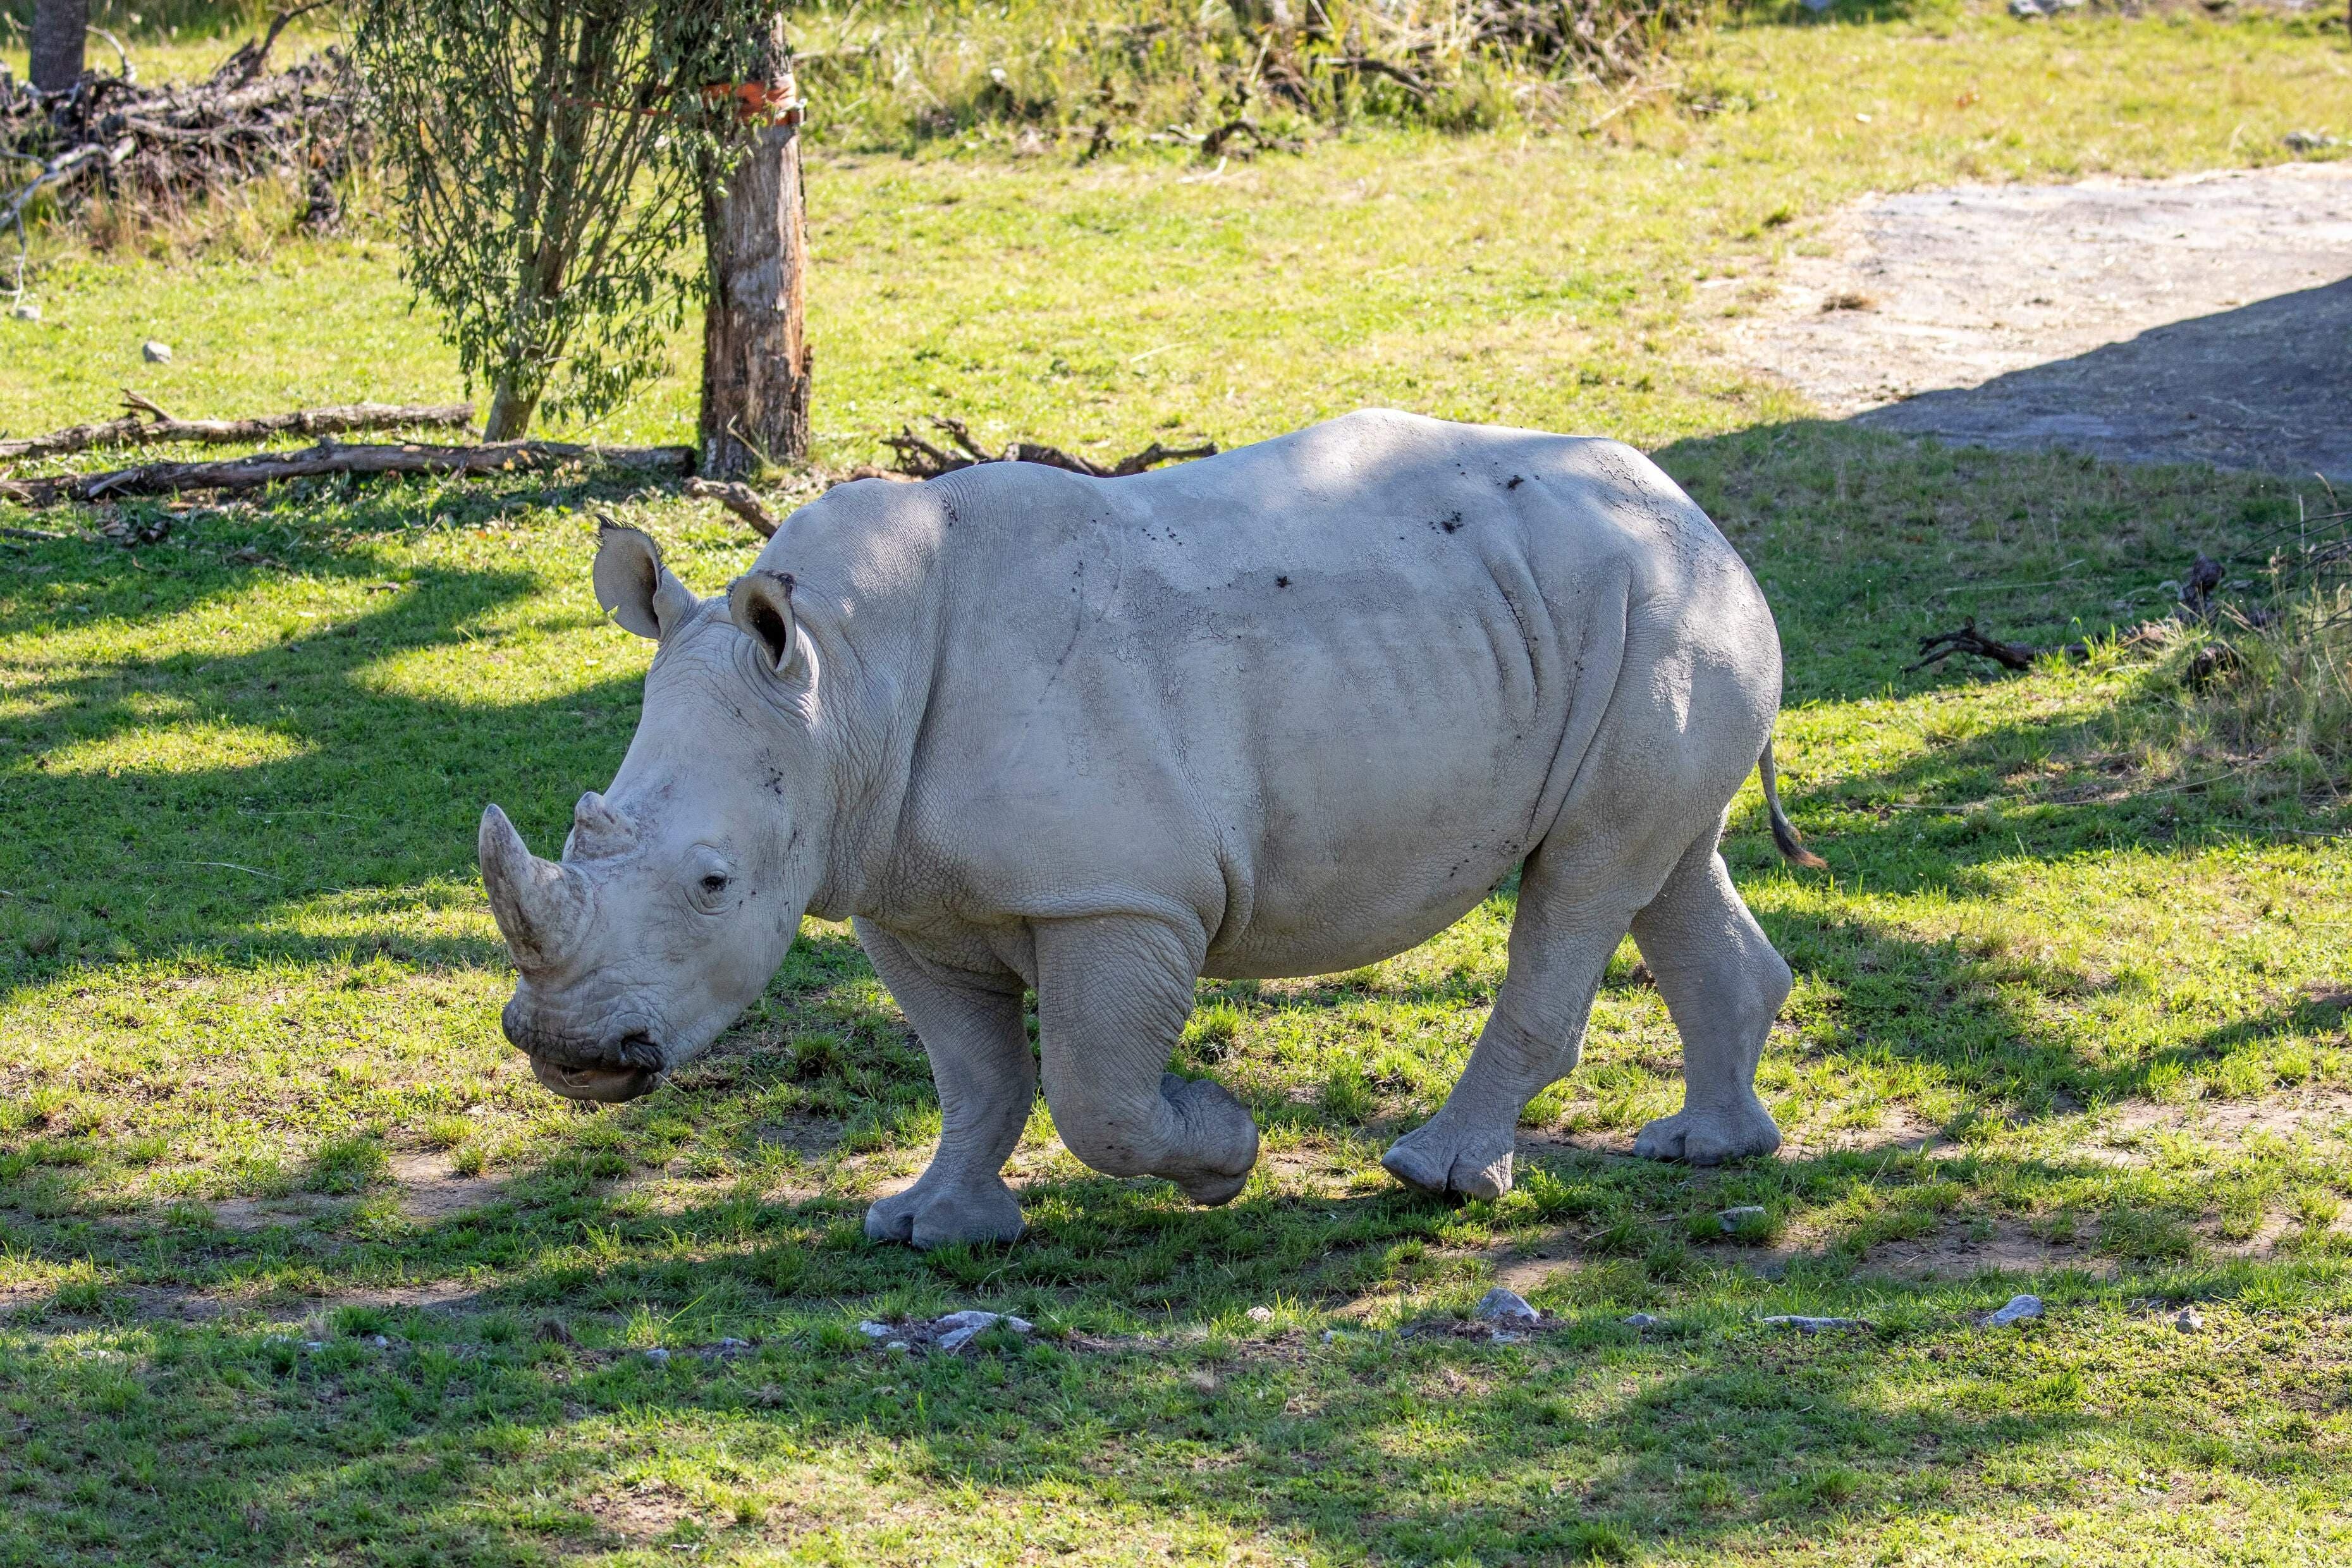 Da Rami mit allen weiblichen Nashörner im Zoo Zürich einen Vater teilt, wird er nun nach Turin in Italien gebracht. Mit dem Umzug von Rami kann eine gesunde Genetik innerhalb des Europäischen Erhaltungszuchtprogrammes (EEP) gewährleistet werden.